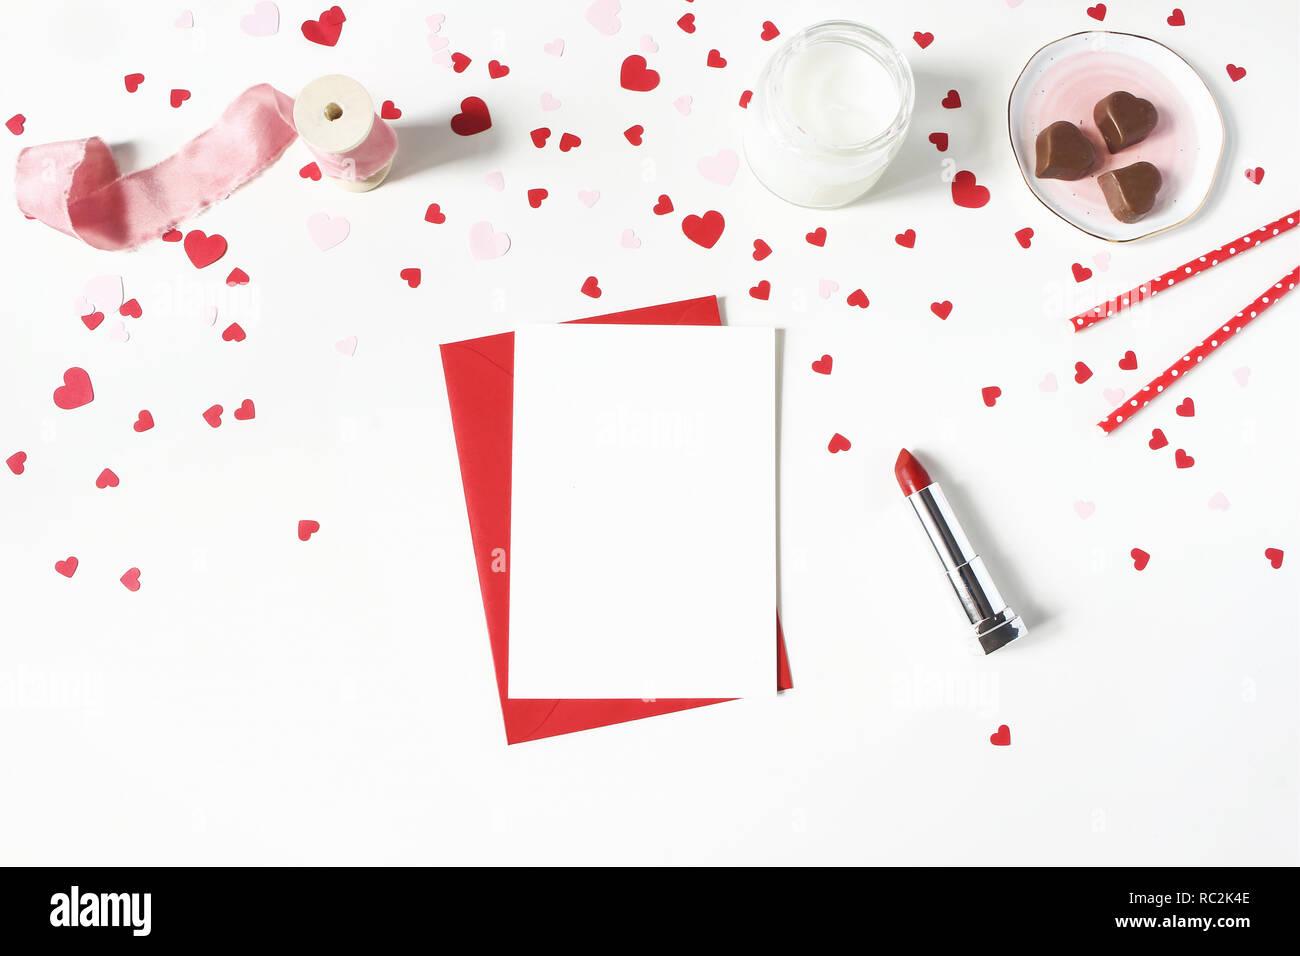 Il giorno di San Valentino, wedding still life scena. Candela, carta coriandoli, Cioccolato cuori, rossetto e bigliettino vuoto mockup sul tavolo bianco sullo sfondo. Il concetto di amore. Appartamento laico, vista dall'alto. Foto Stock